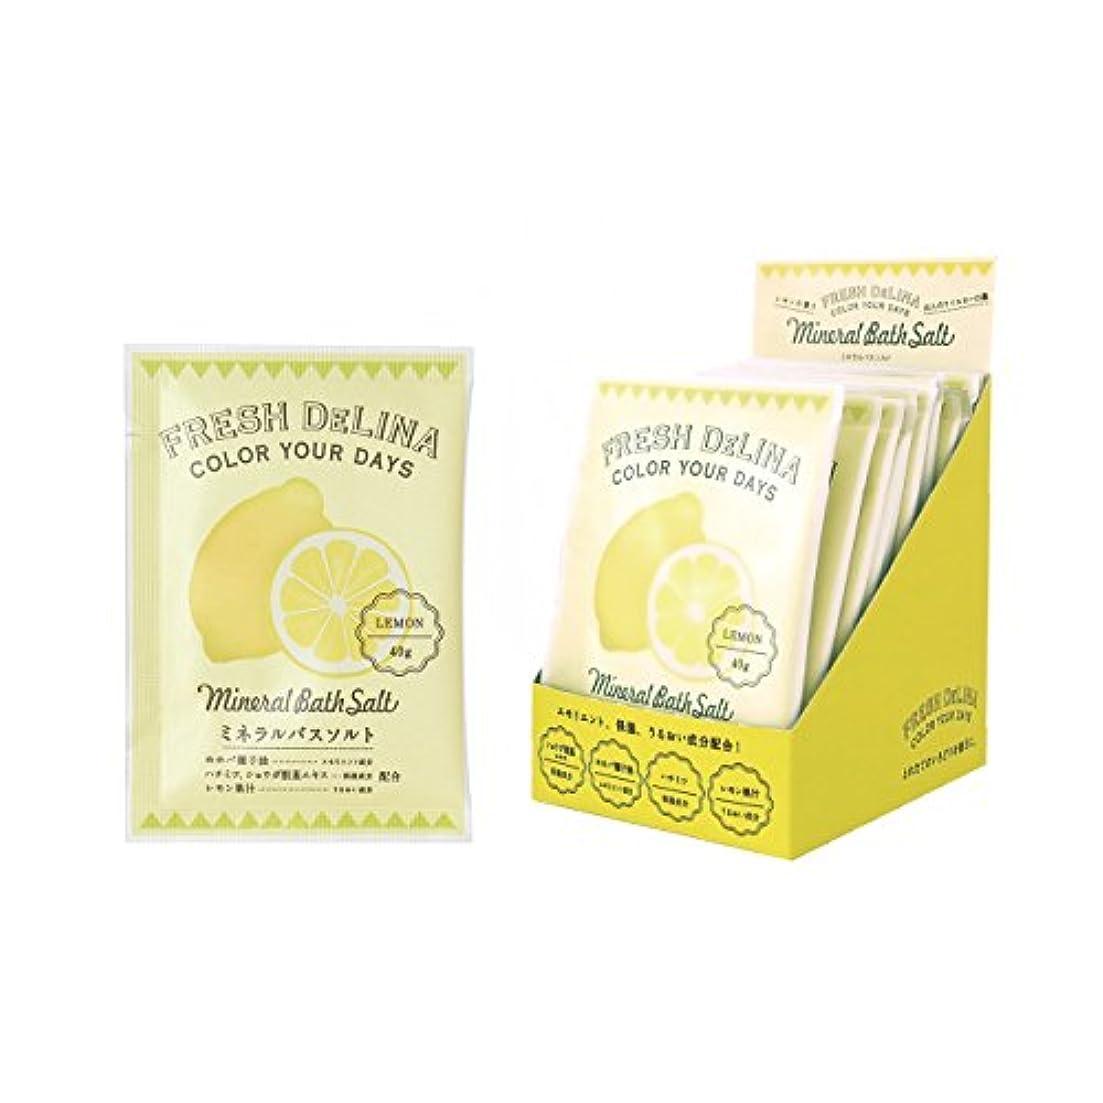 並外れてビーズ出しますフレッシュデリーナ ミネラルバスソルト40g(レモン) 12個 (海塩タイプ入浴料 日本製 どこかなつかしいフレッシュなレモンの香り)